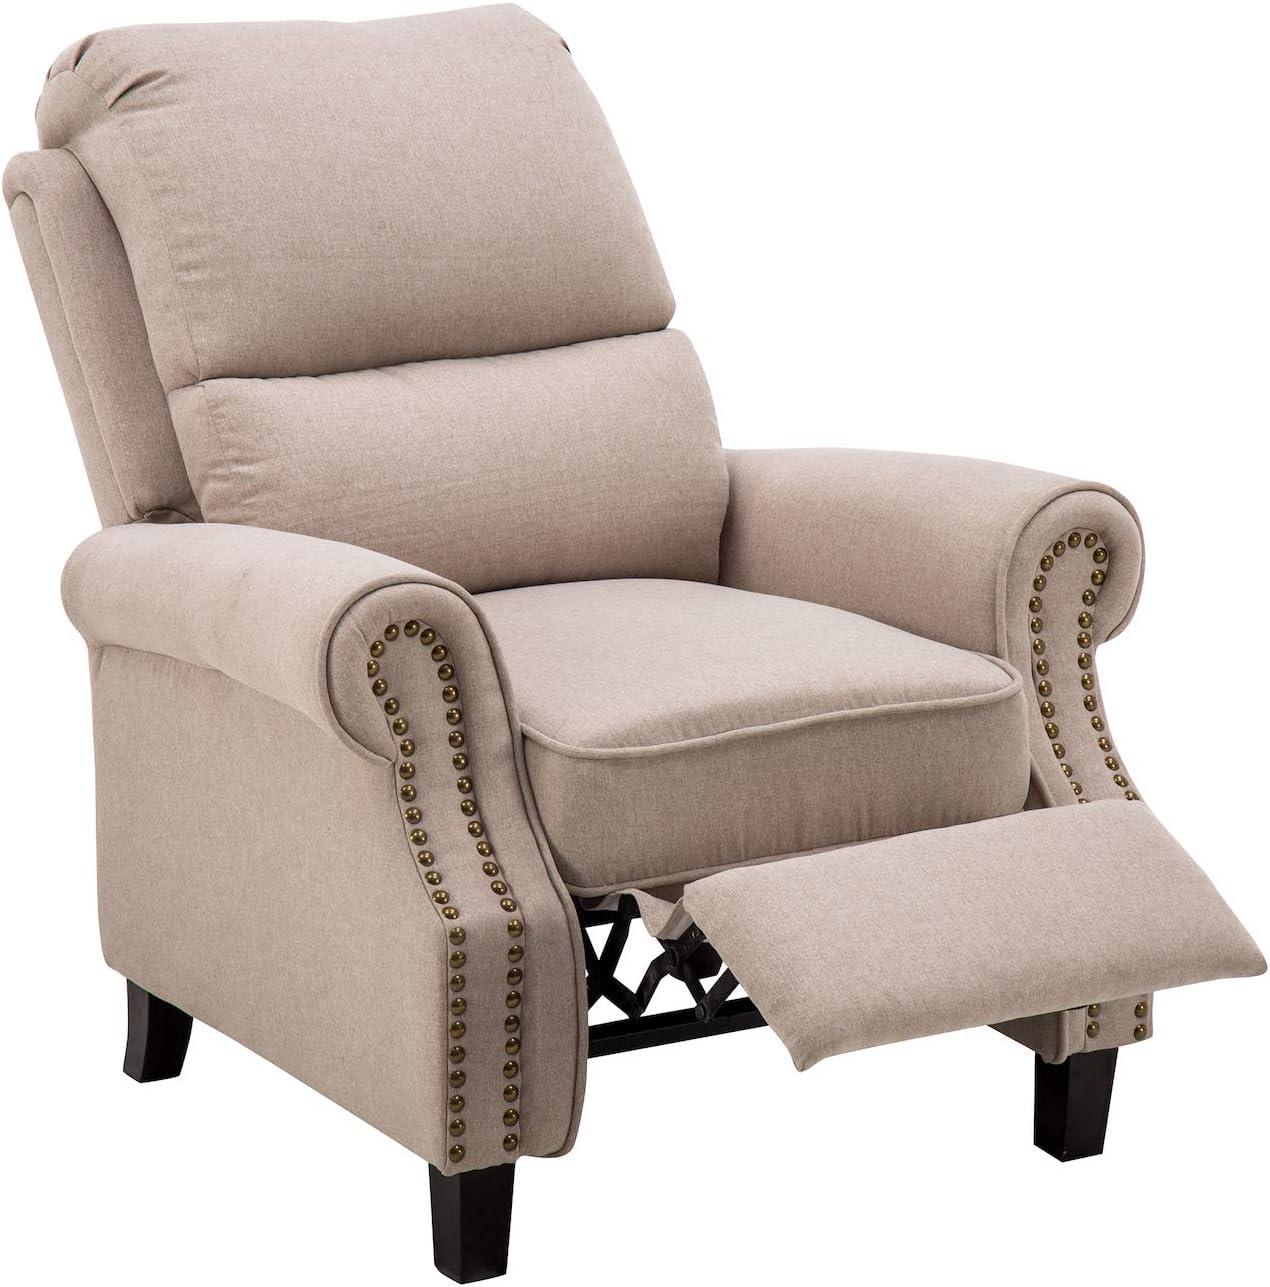 MCombo 7291BG - Sillón de relax, con reposabrazos, acolchado y núcleo de muelles, color beige